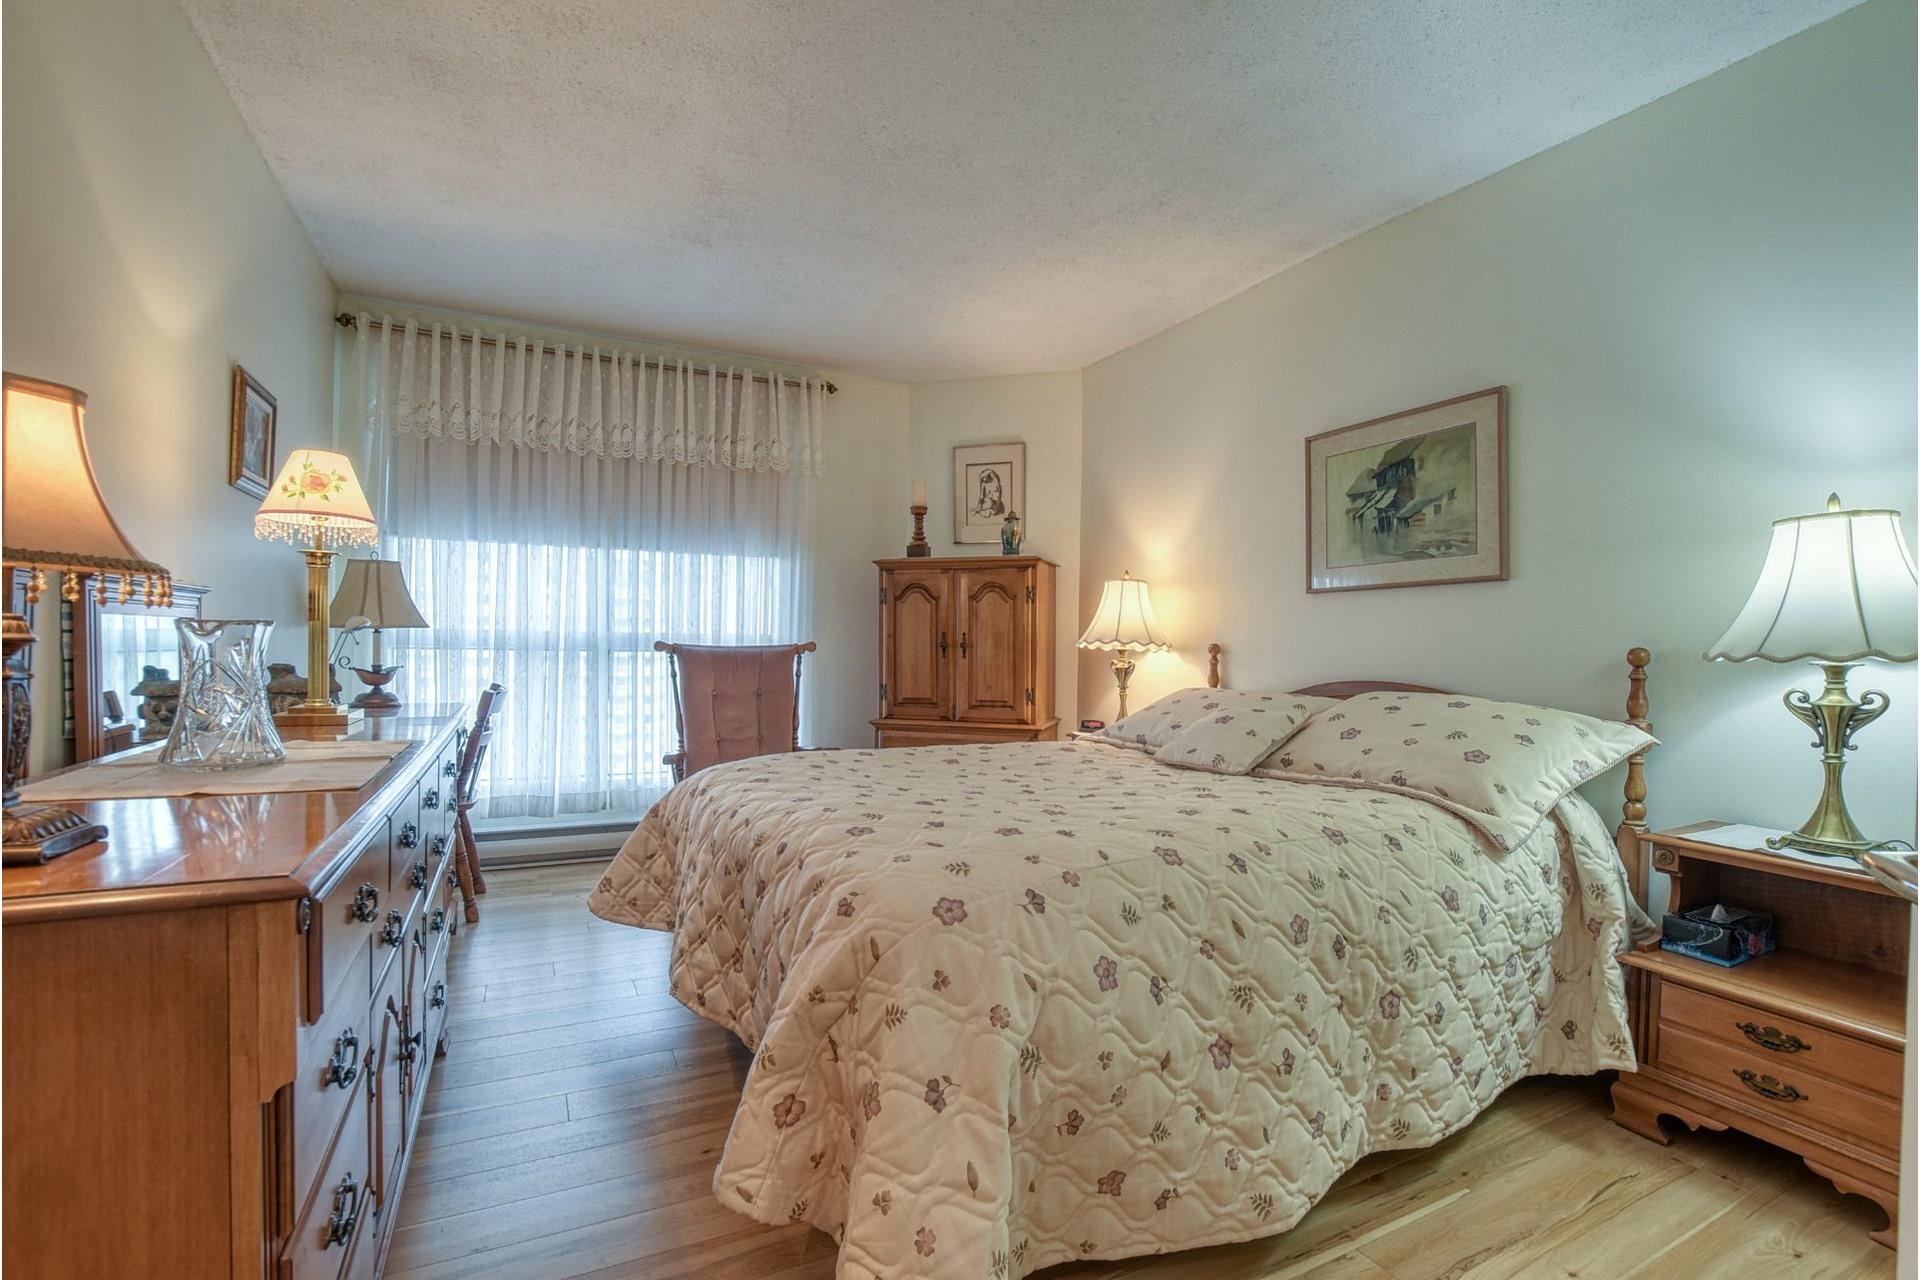 image 12 - Appartement À louer Montréal-Nord Montréal  - 4 pièces